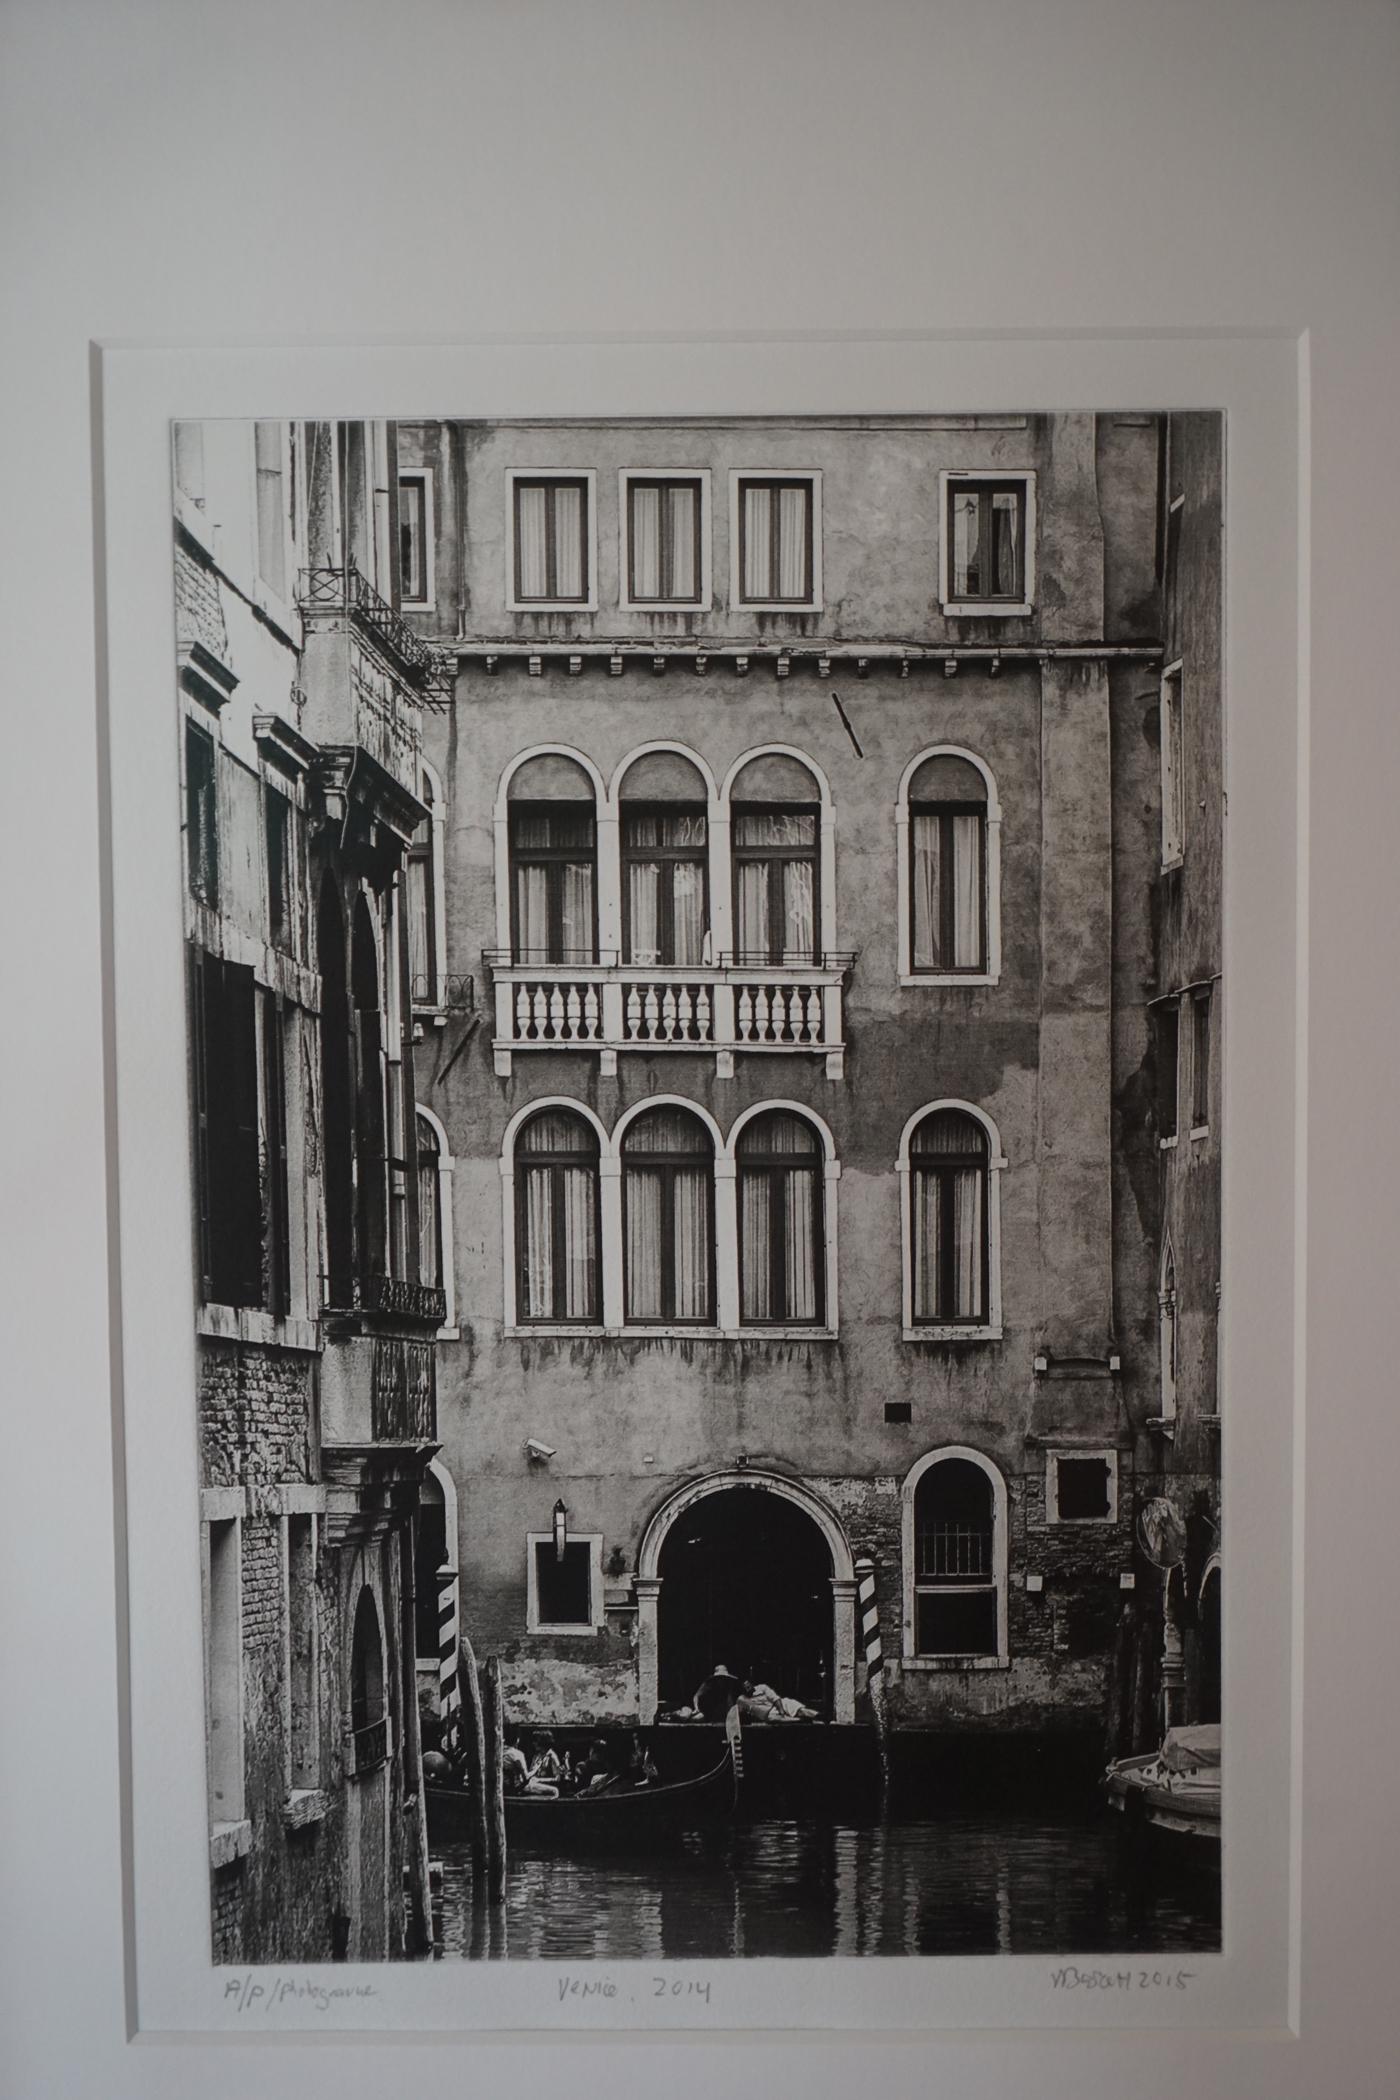 Venice,2015